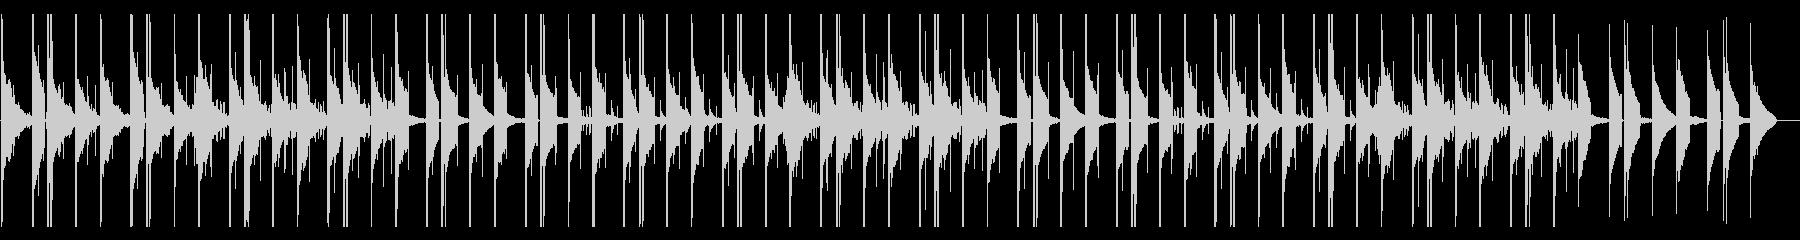 R&B チルアウト ネオンの未再生の波形